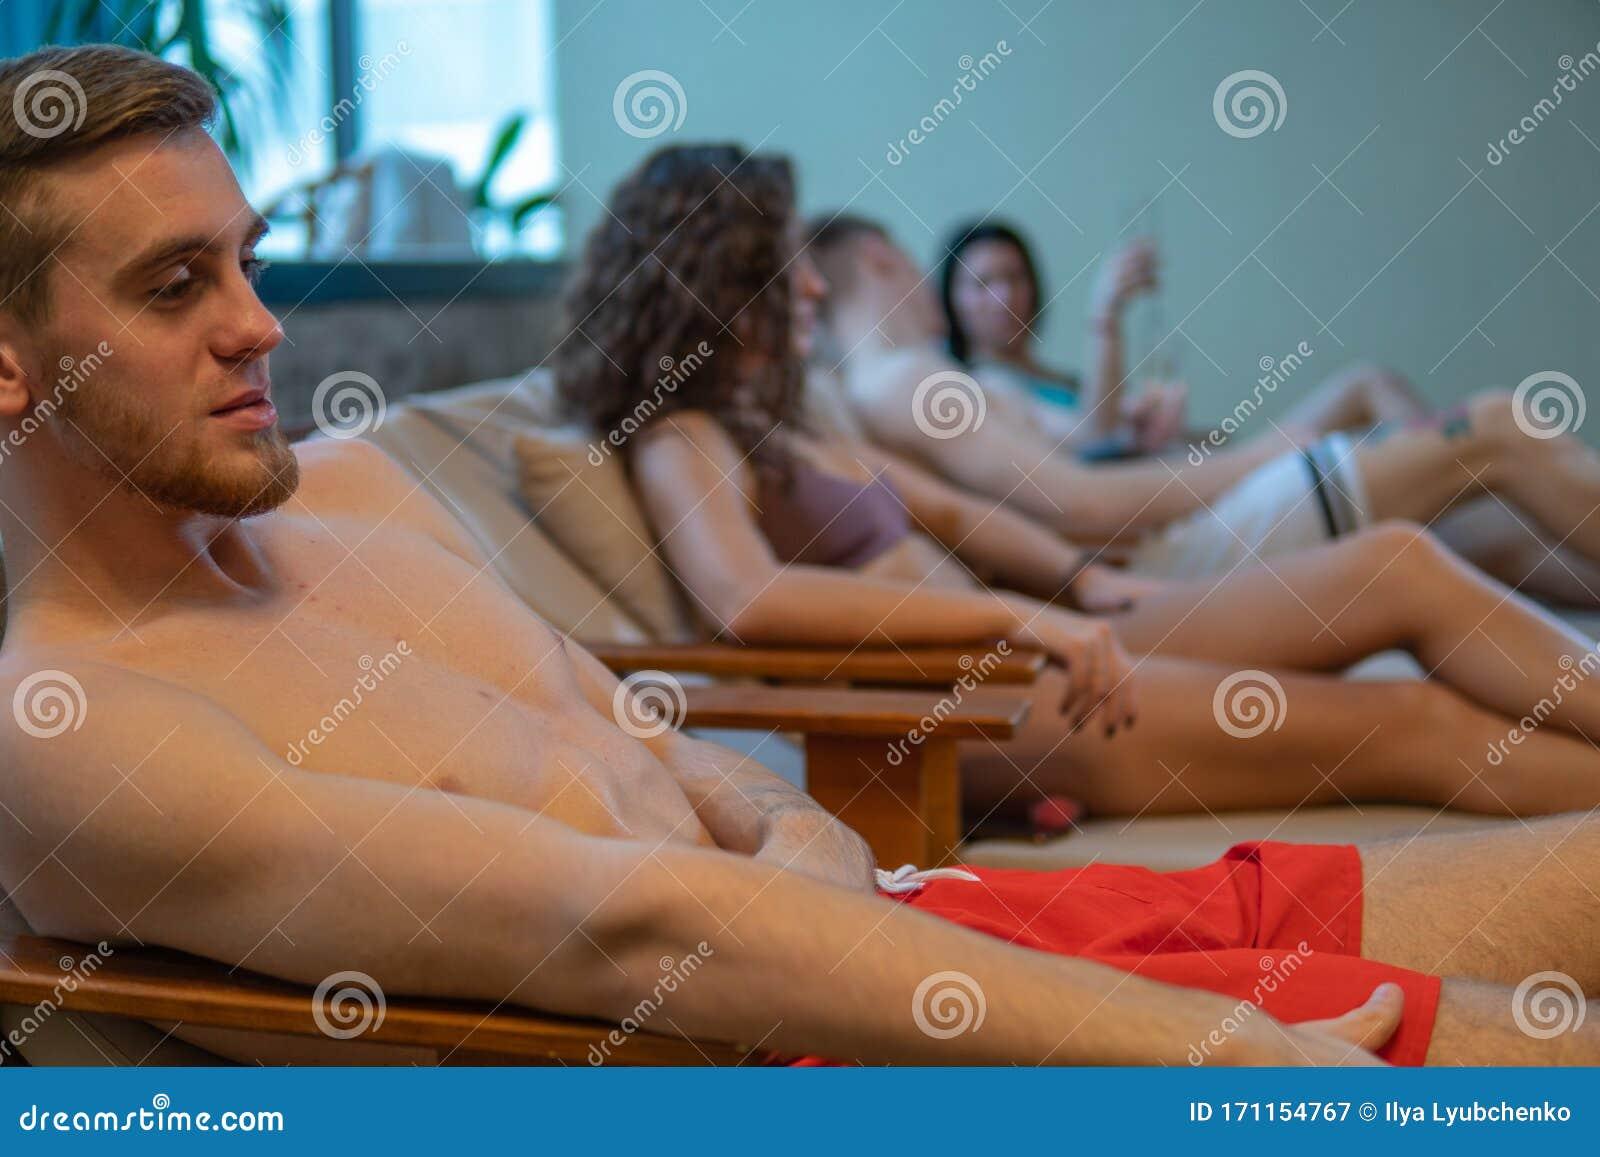 Boys in sauna